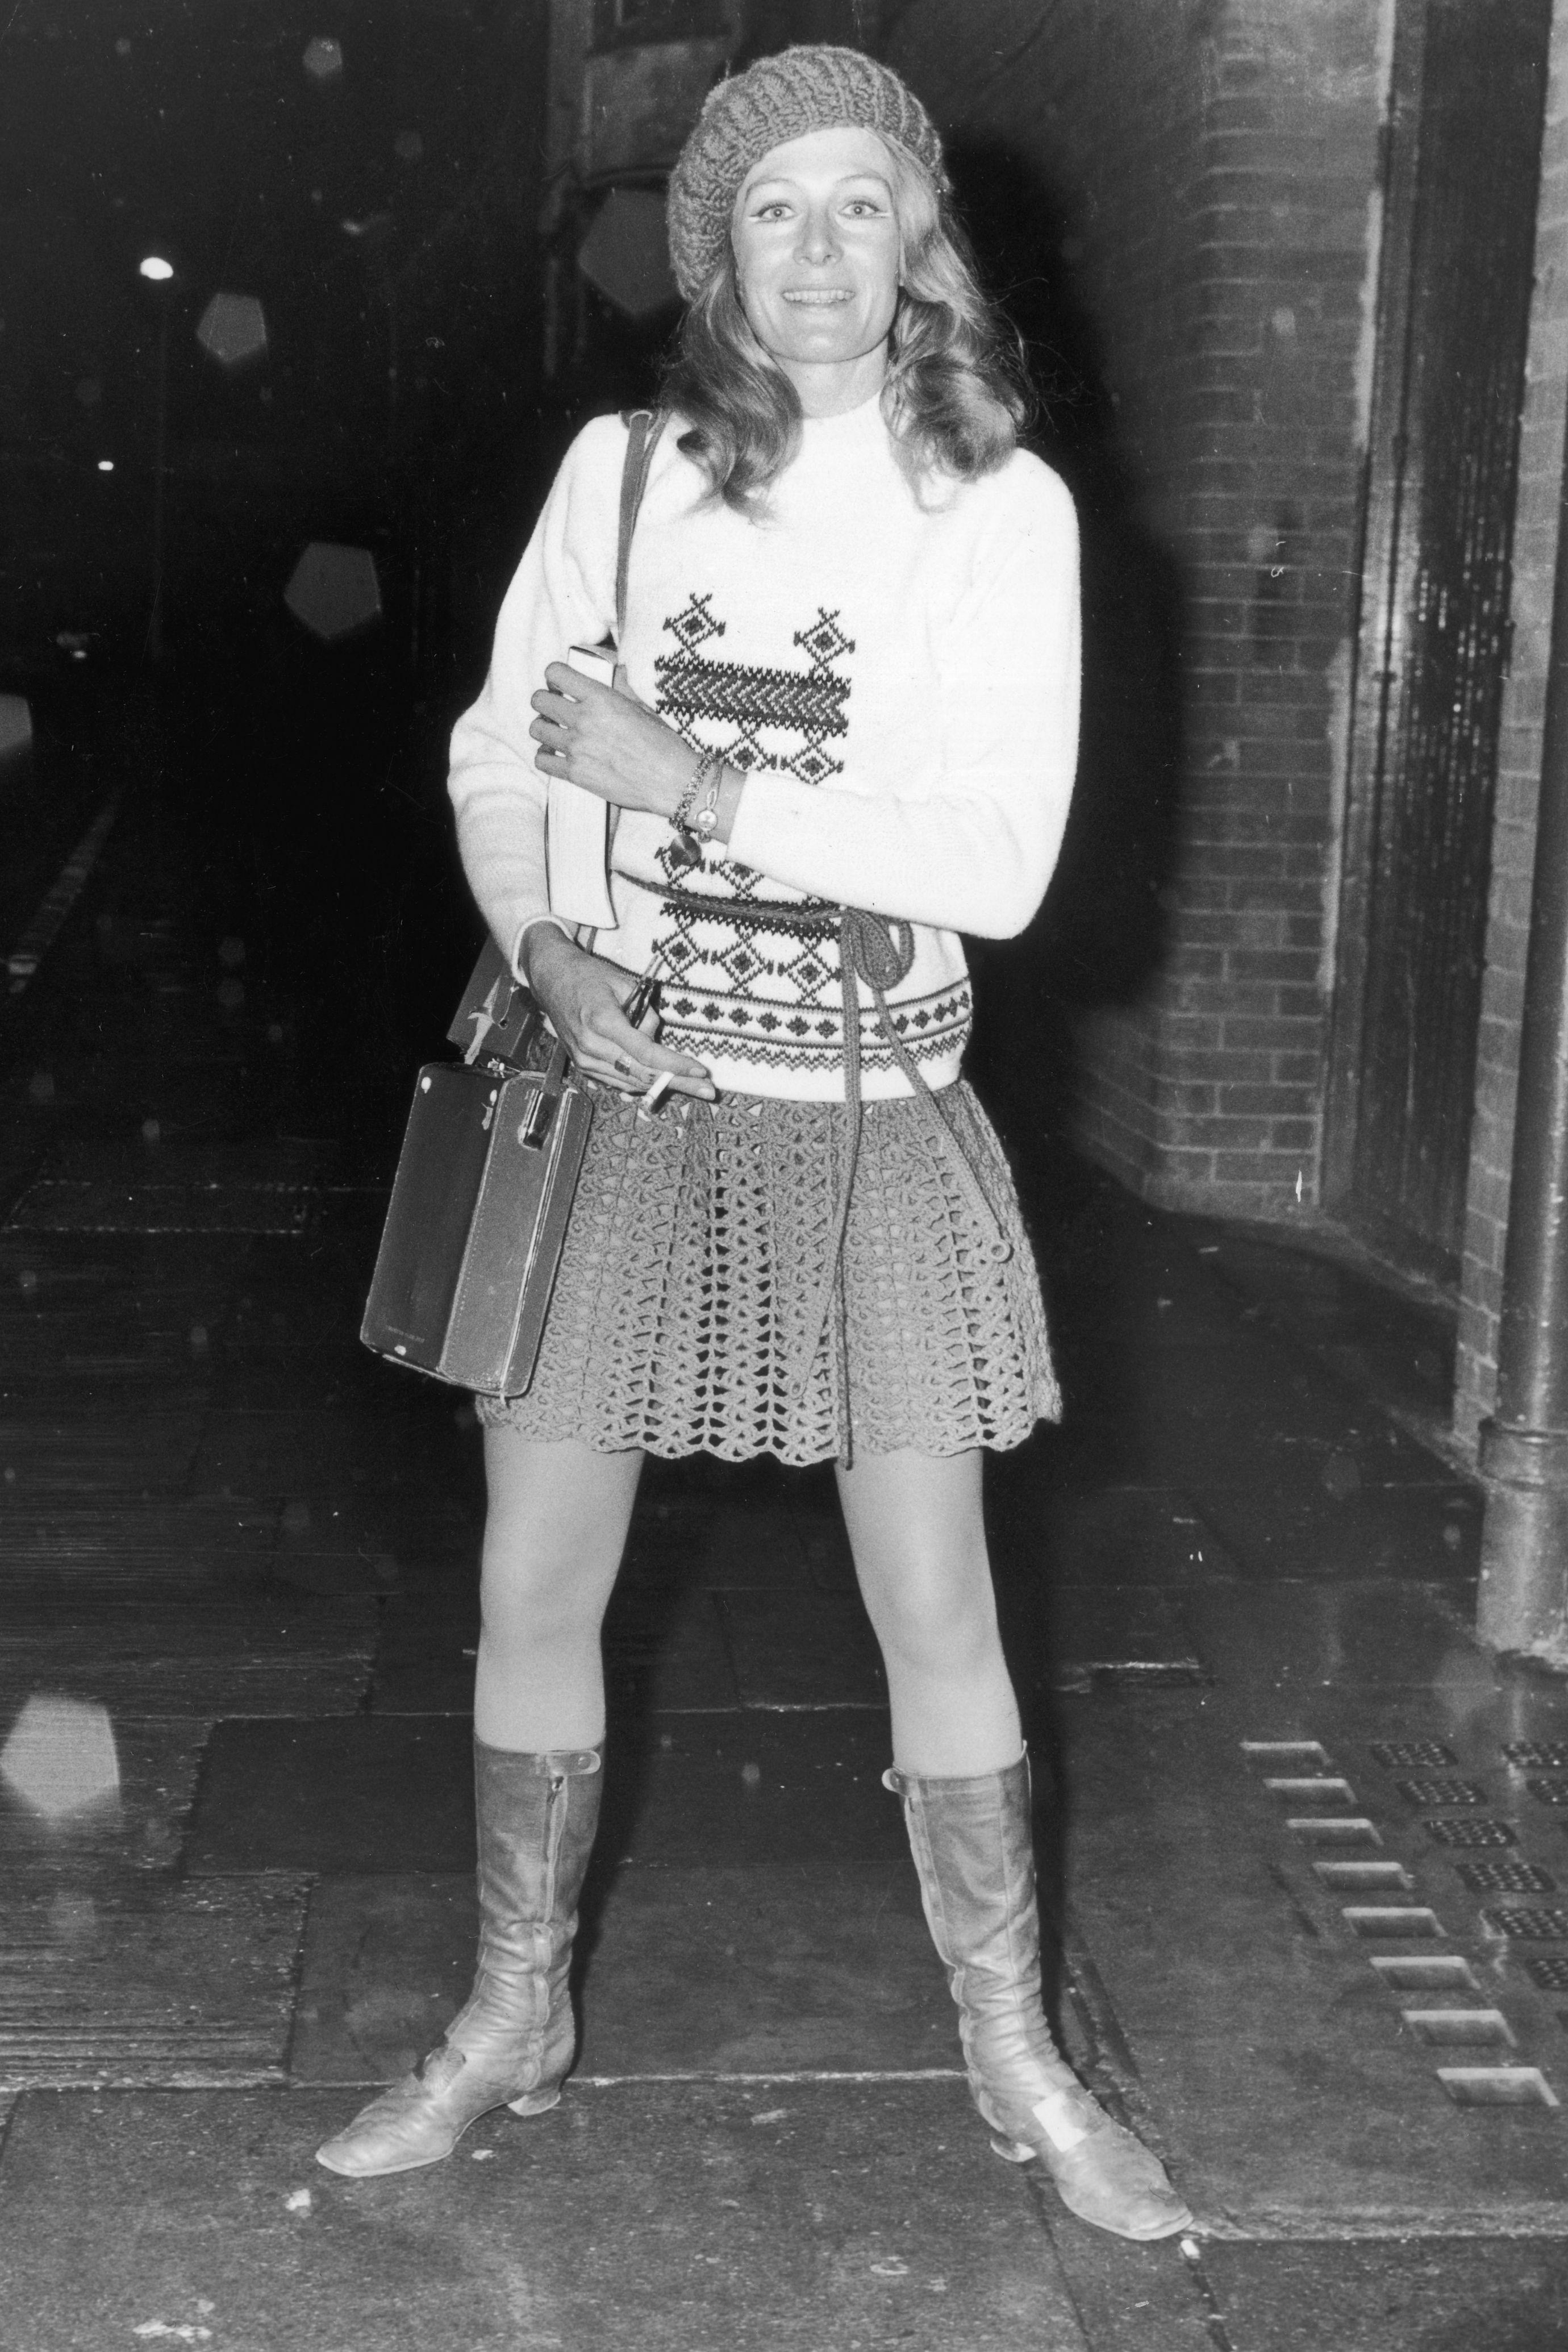 1972: Calf-High Boots